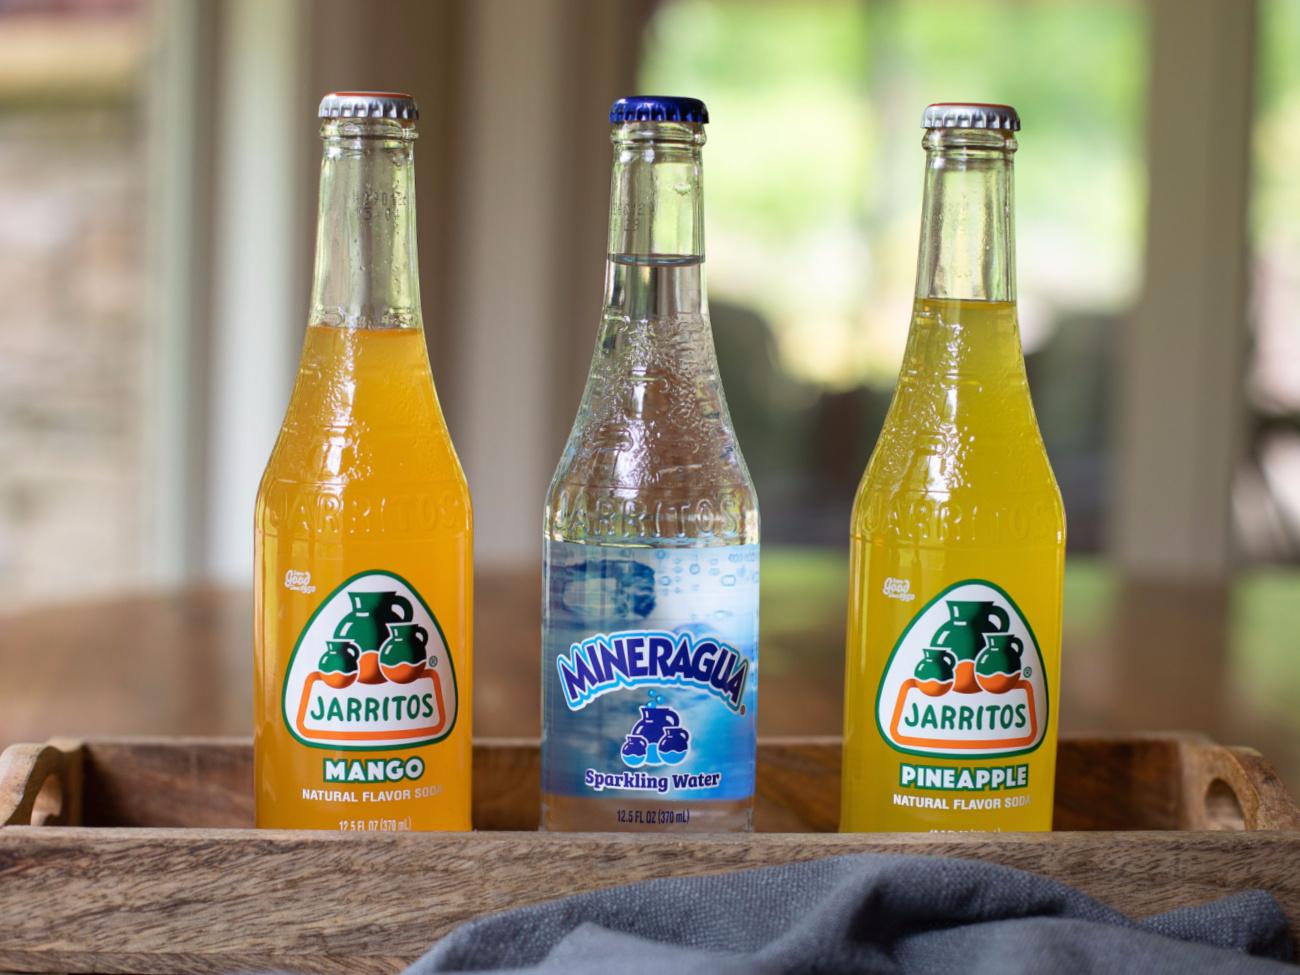 Mineragua Sparkling Water Just 74¢ At Publix (Jarritos Soda 79¢) on I Heart Publix